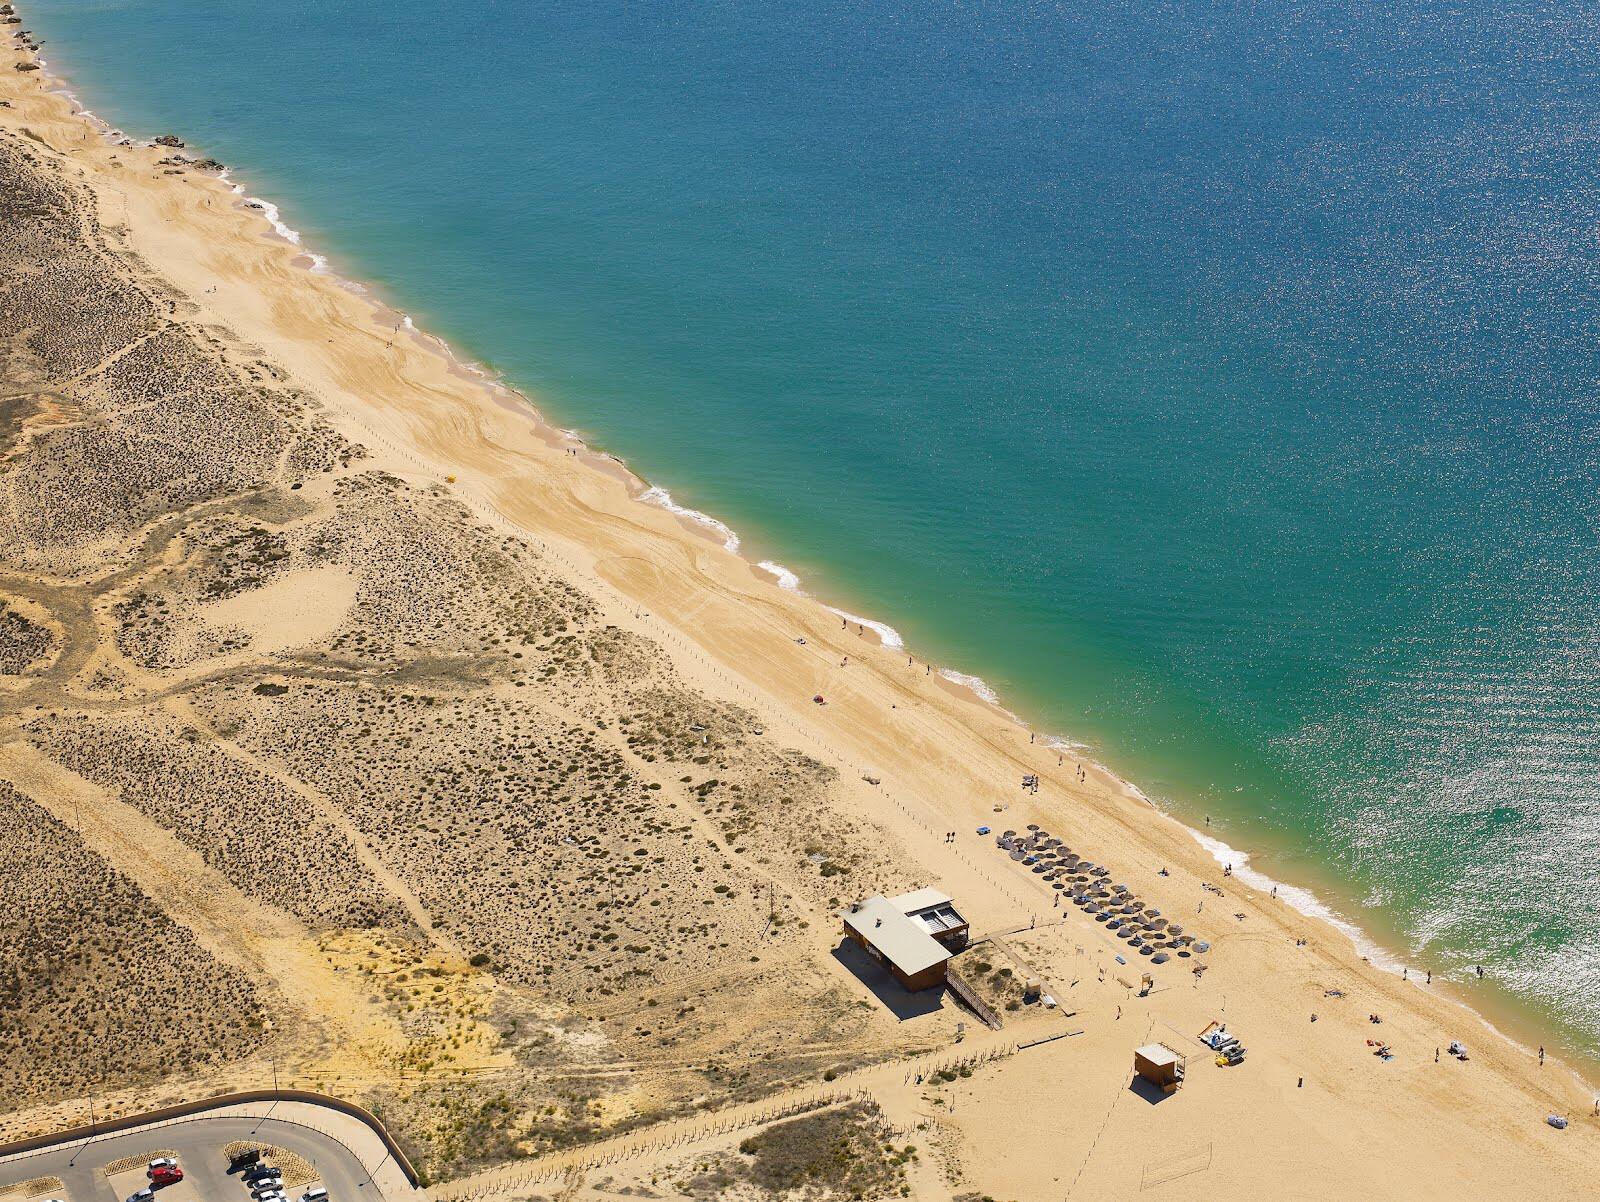 praia-dos salgados-melhores-praias-de-nudismo-do-algarve